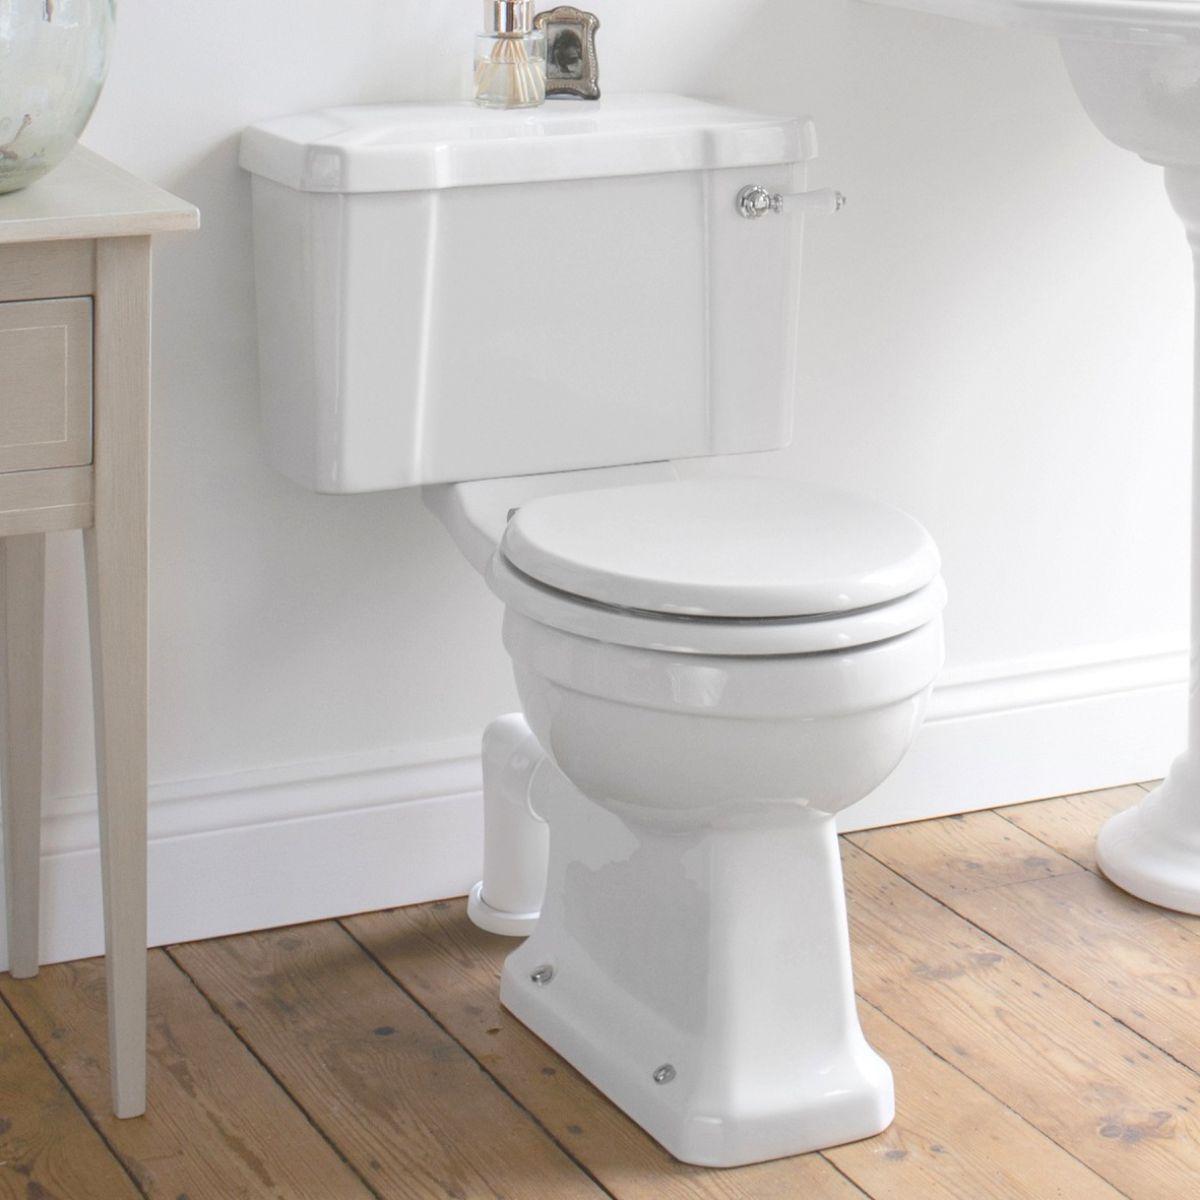 burlington regal close coupled toilet p12  uk bathrooms